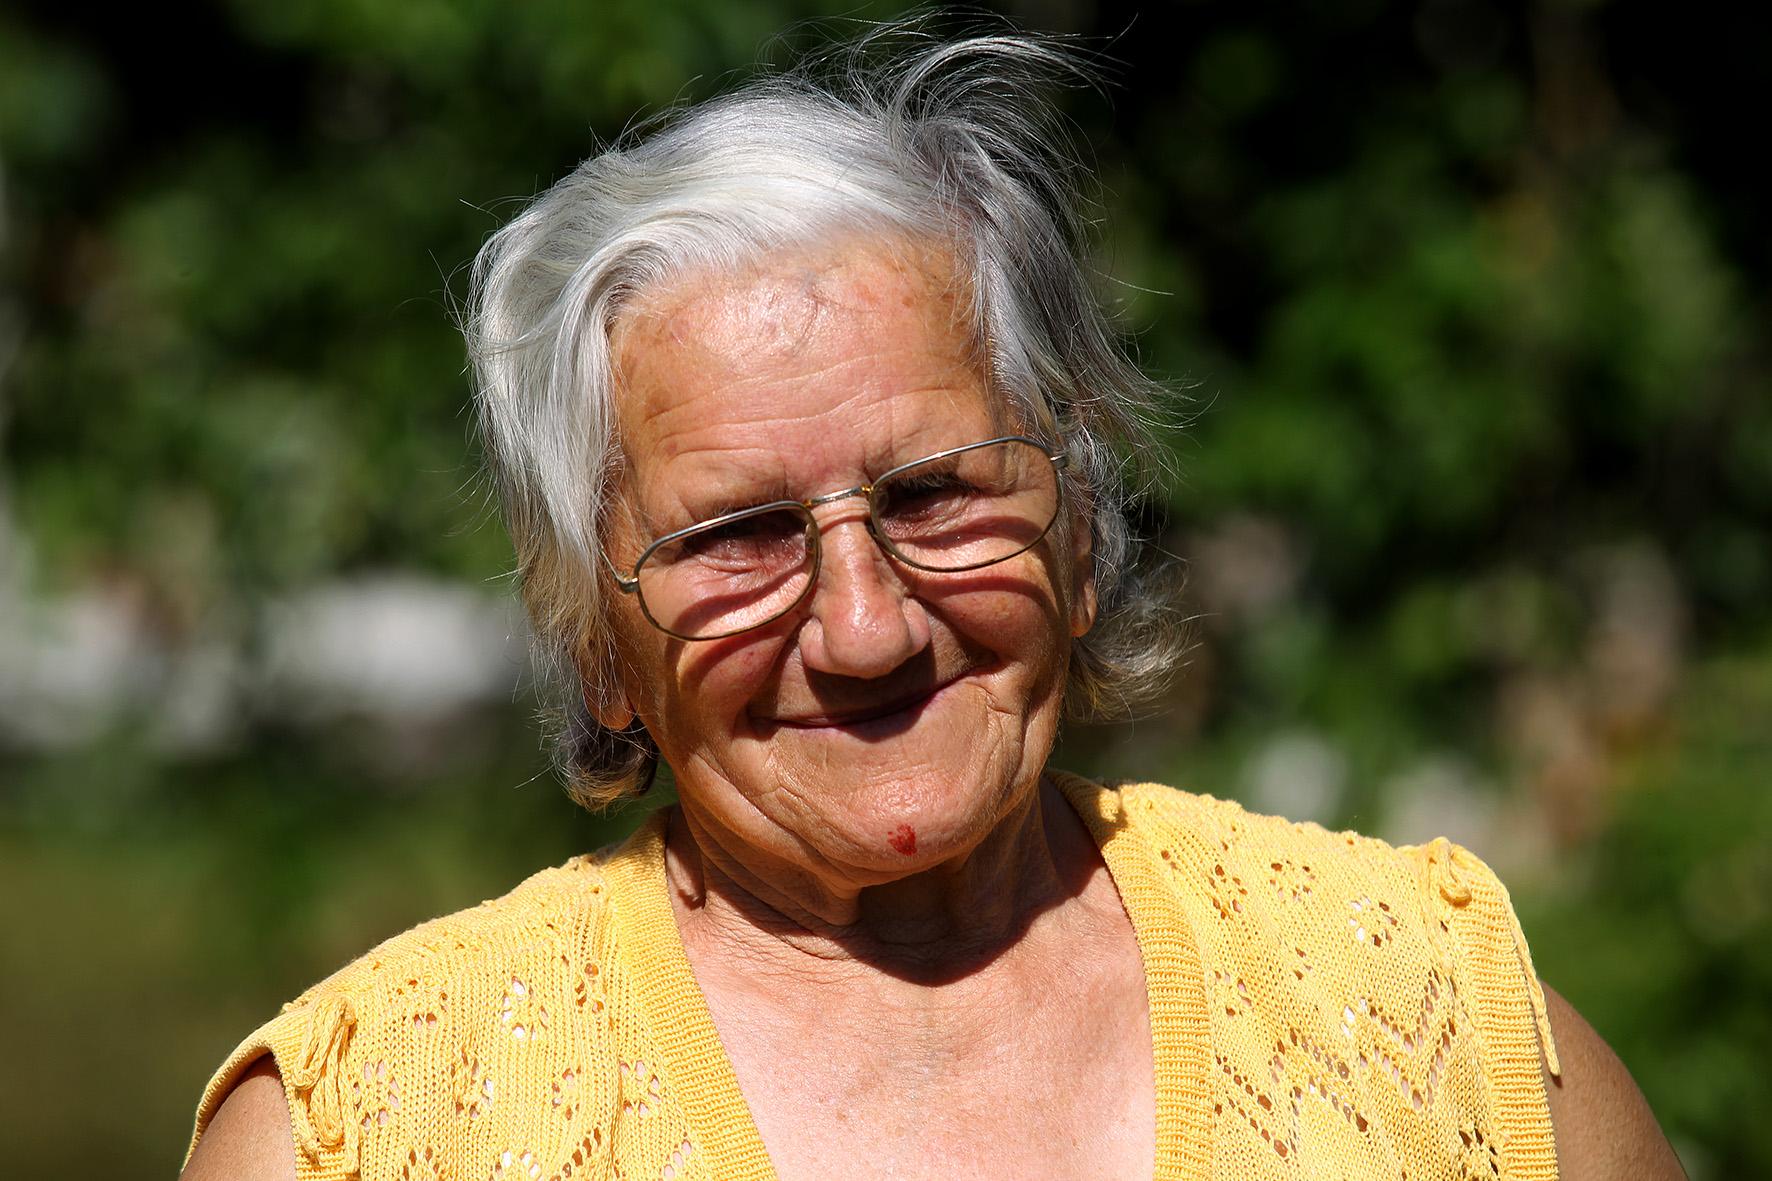 Aštuonių narių šeimoje užaugusi senjora Valė Sereikienė į Vikaičius atsikraustė būdama 12-kos metų.